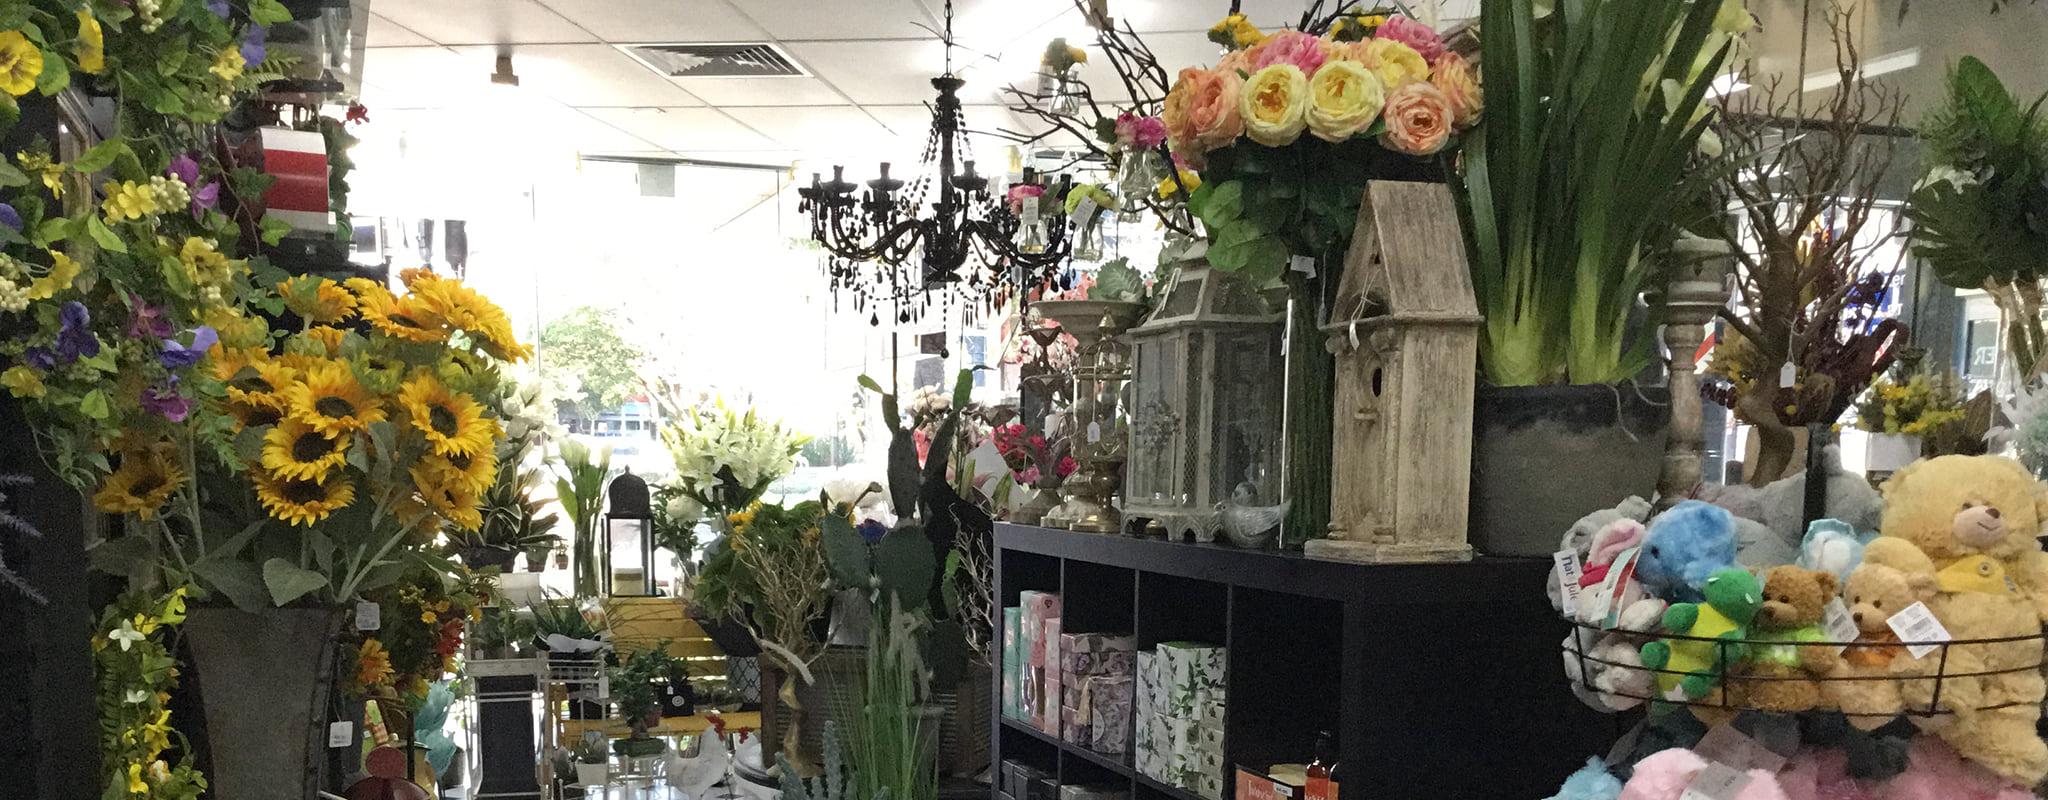 Donnas Flower Shop Penrith Florist